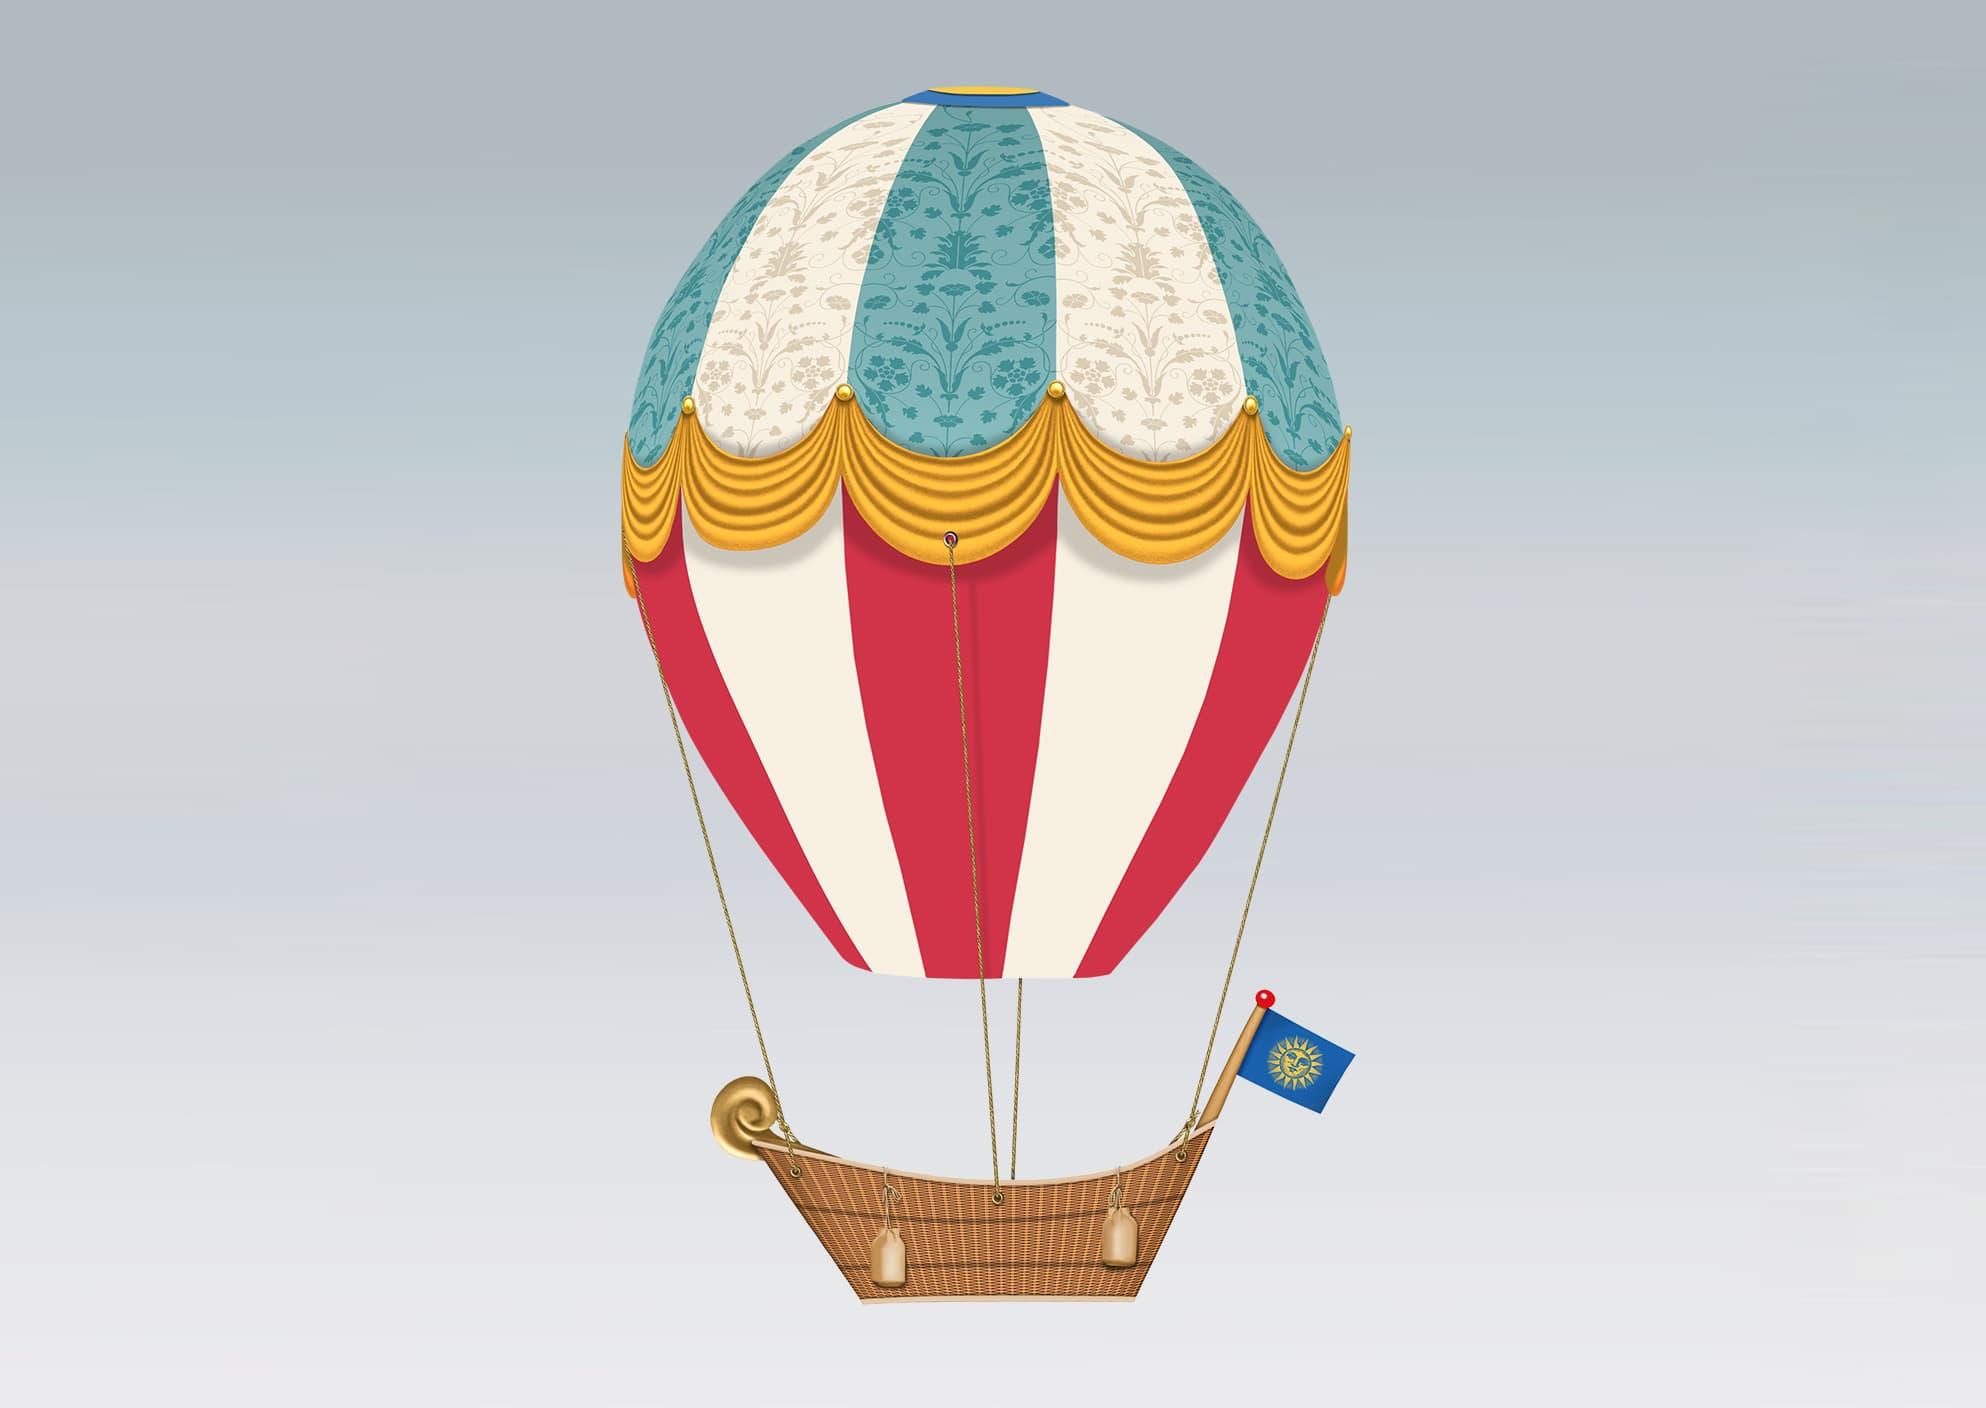 Droomballon bouwplaat eindresultaat